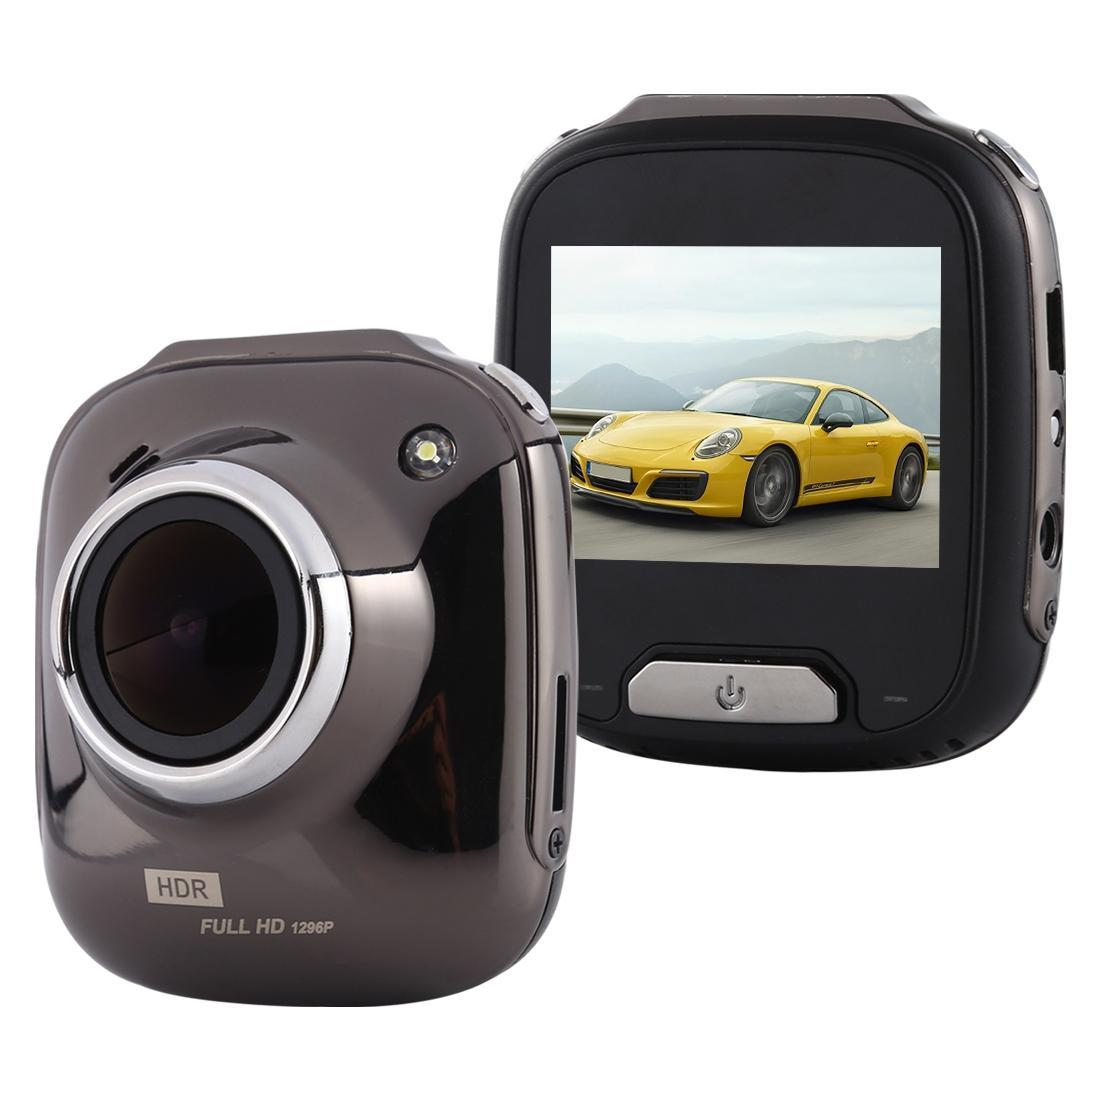 سيارة ميني DVR كاميرا مسجل 2.0 بوصة وشاشة LCD HD 1080P 170 درجة زاوية عرض واسعة، ودعم كشف الحركة / الأشعة تحت الحمراء للرؤية الليلية /